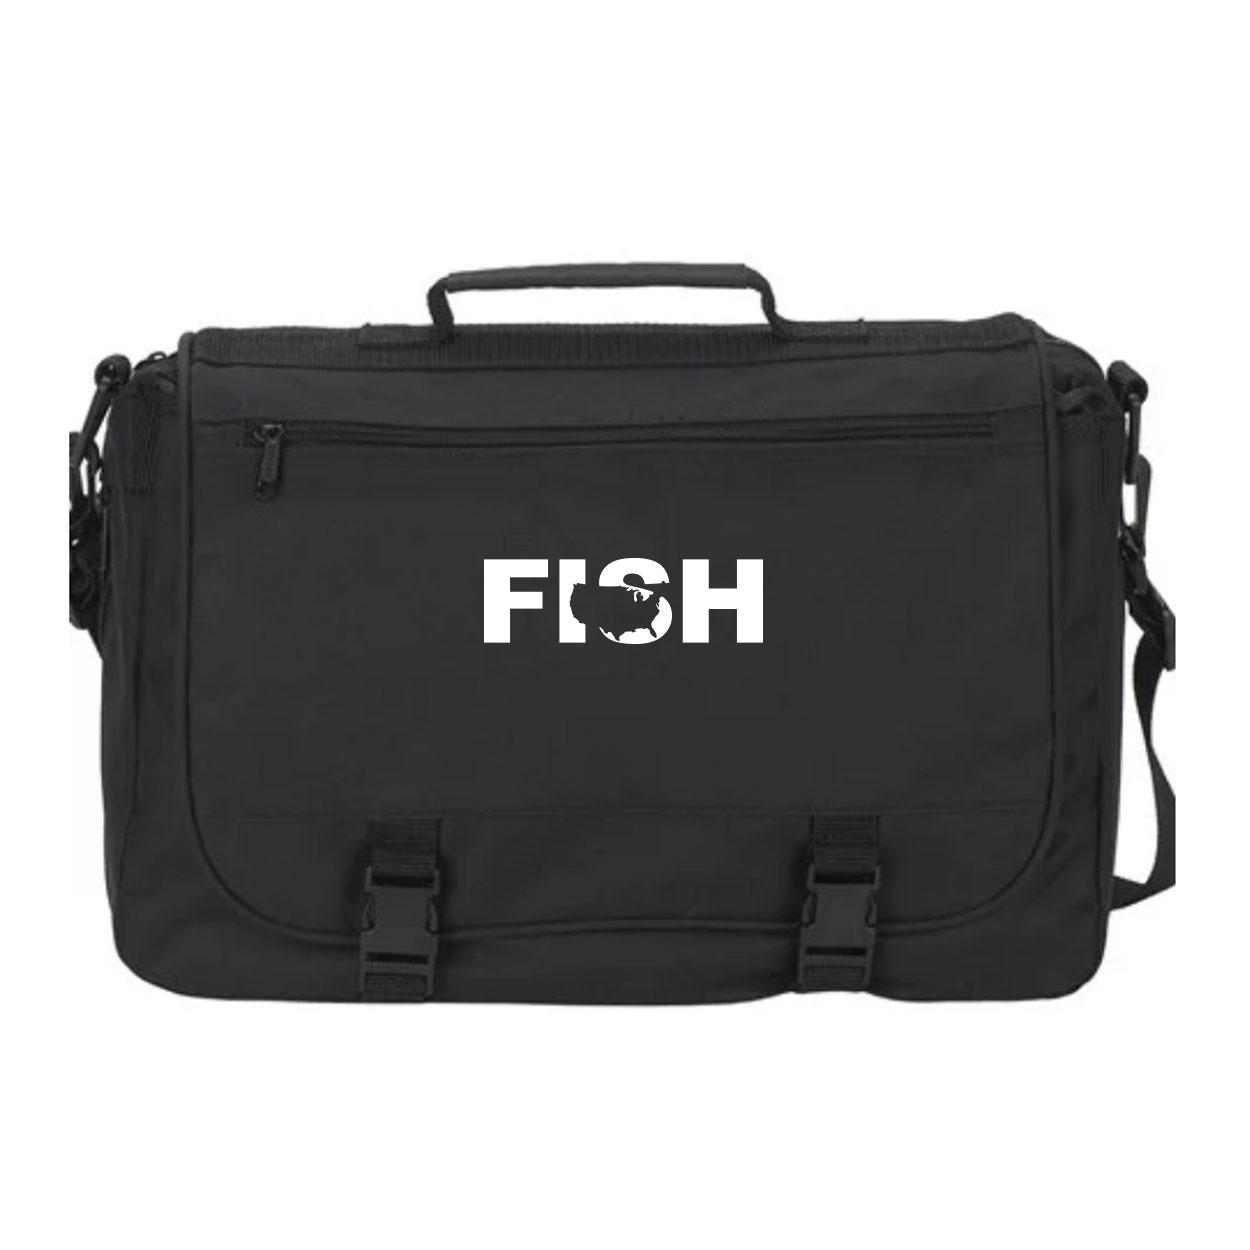 Fish United States Classic Executive Laptop Saddlebag Black (White Logo)